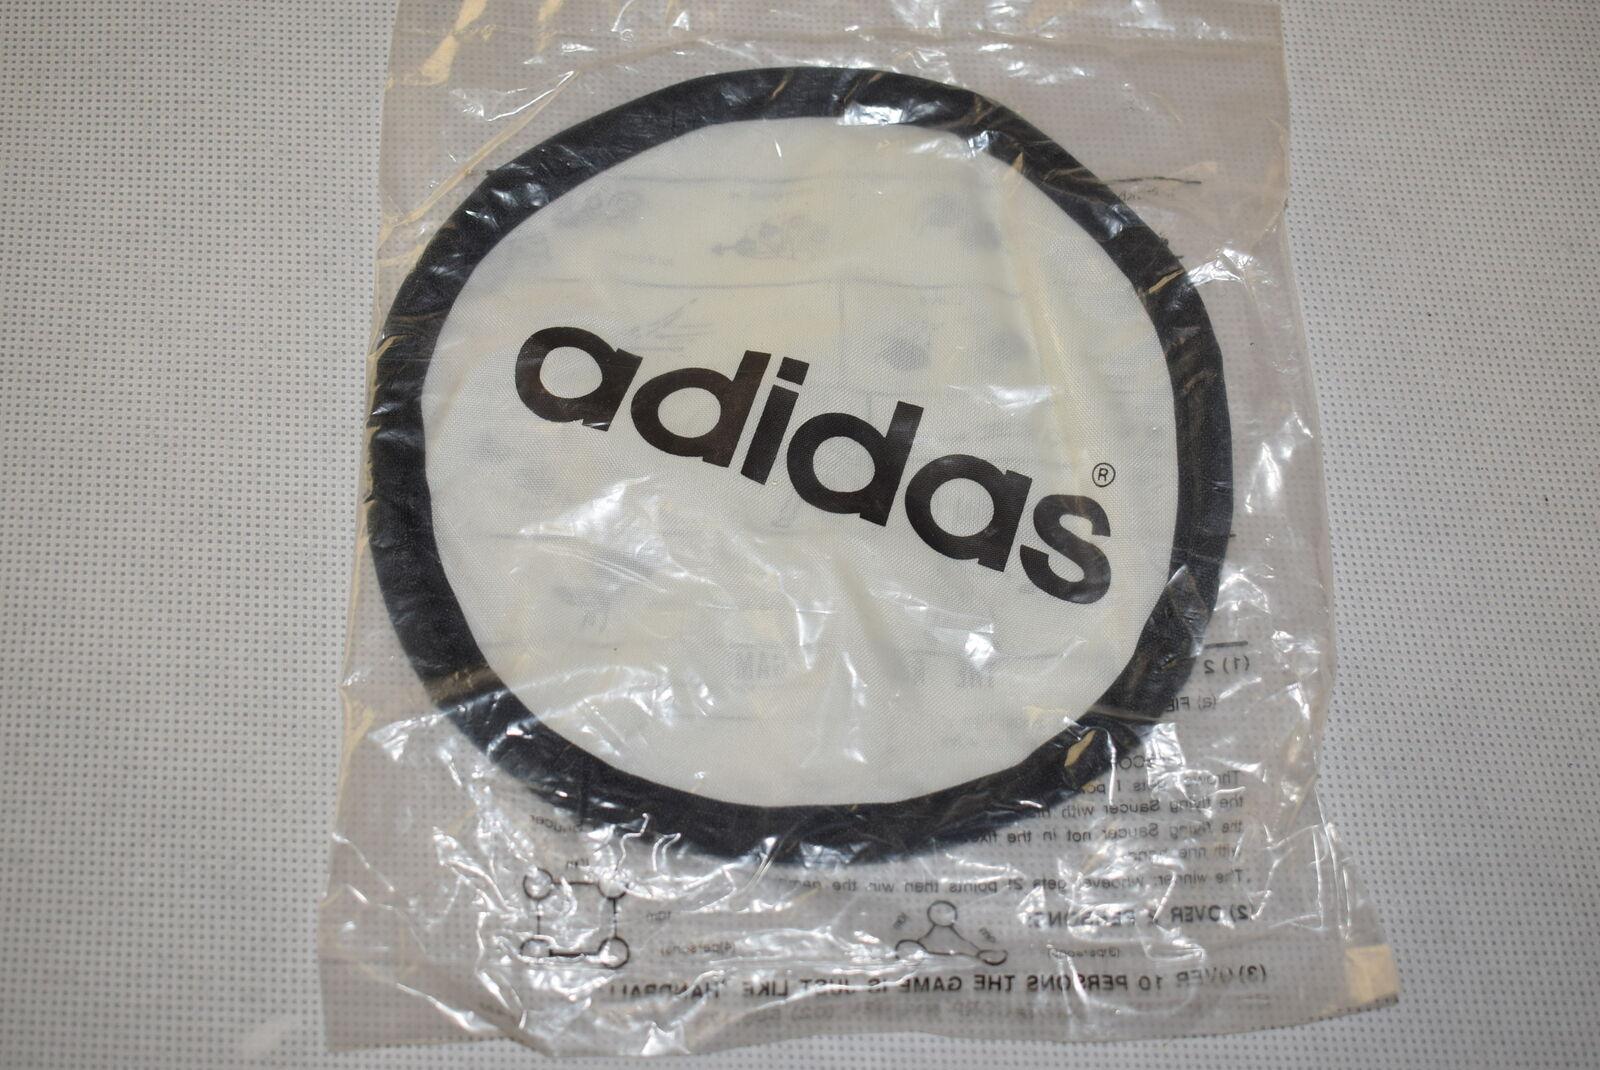 Adidas Frisbee Flying Saucer Sports Vintage Deadstock VTG 80er 90er 80s 90s NEW-show original title